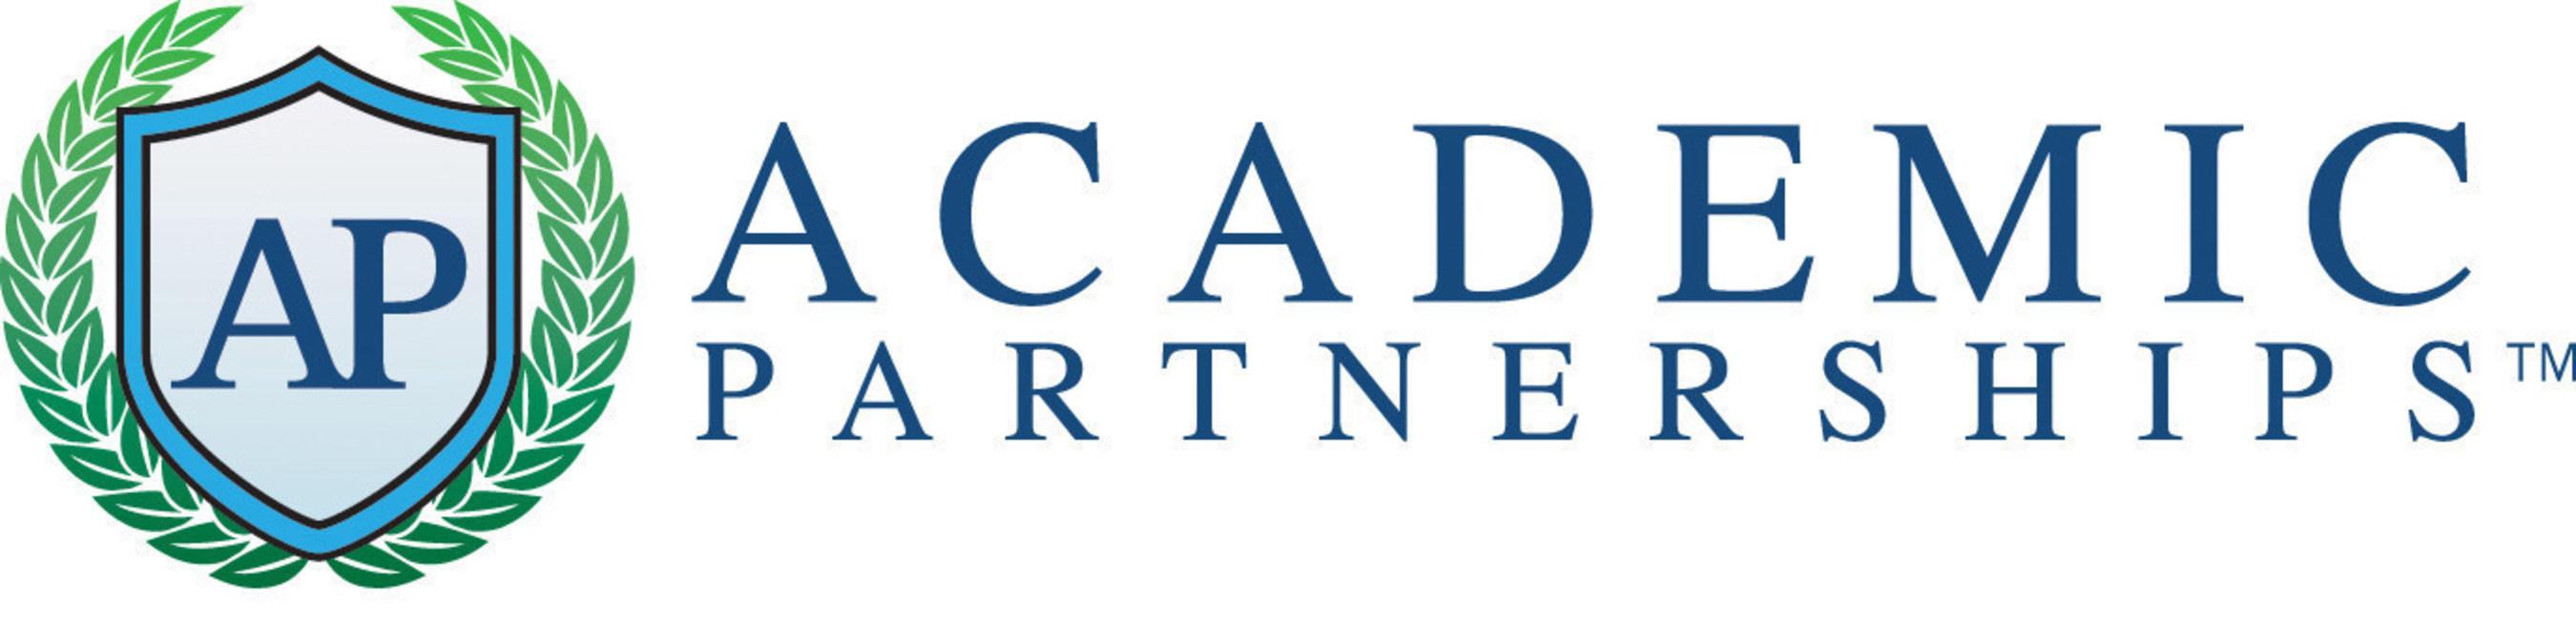 Academic Partnerships logo